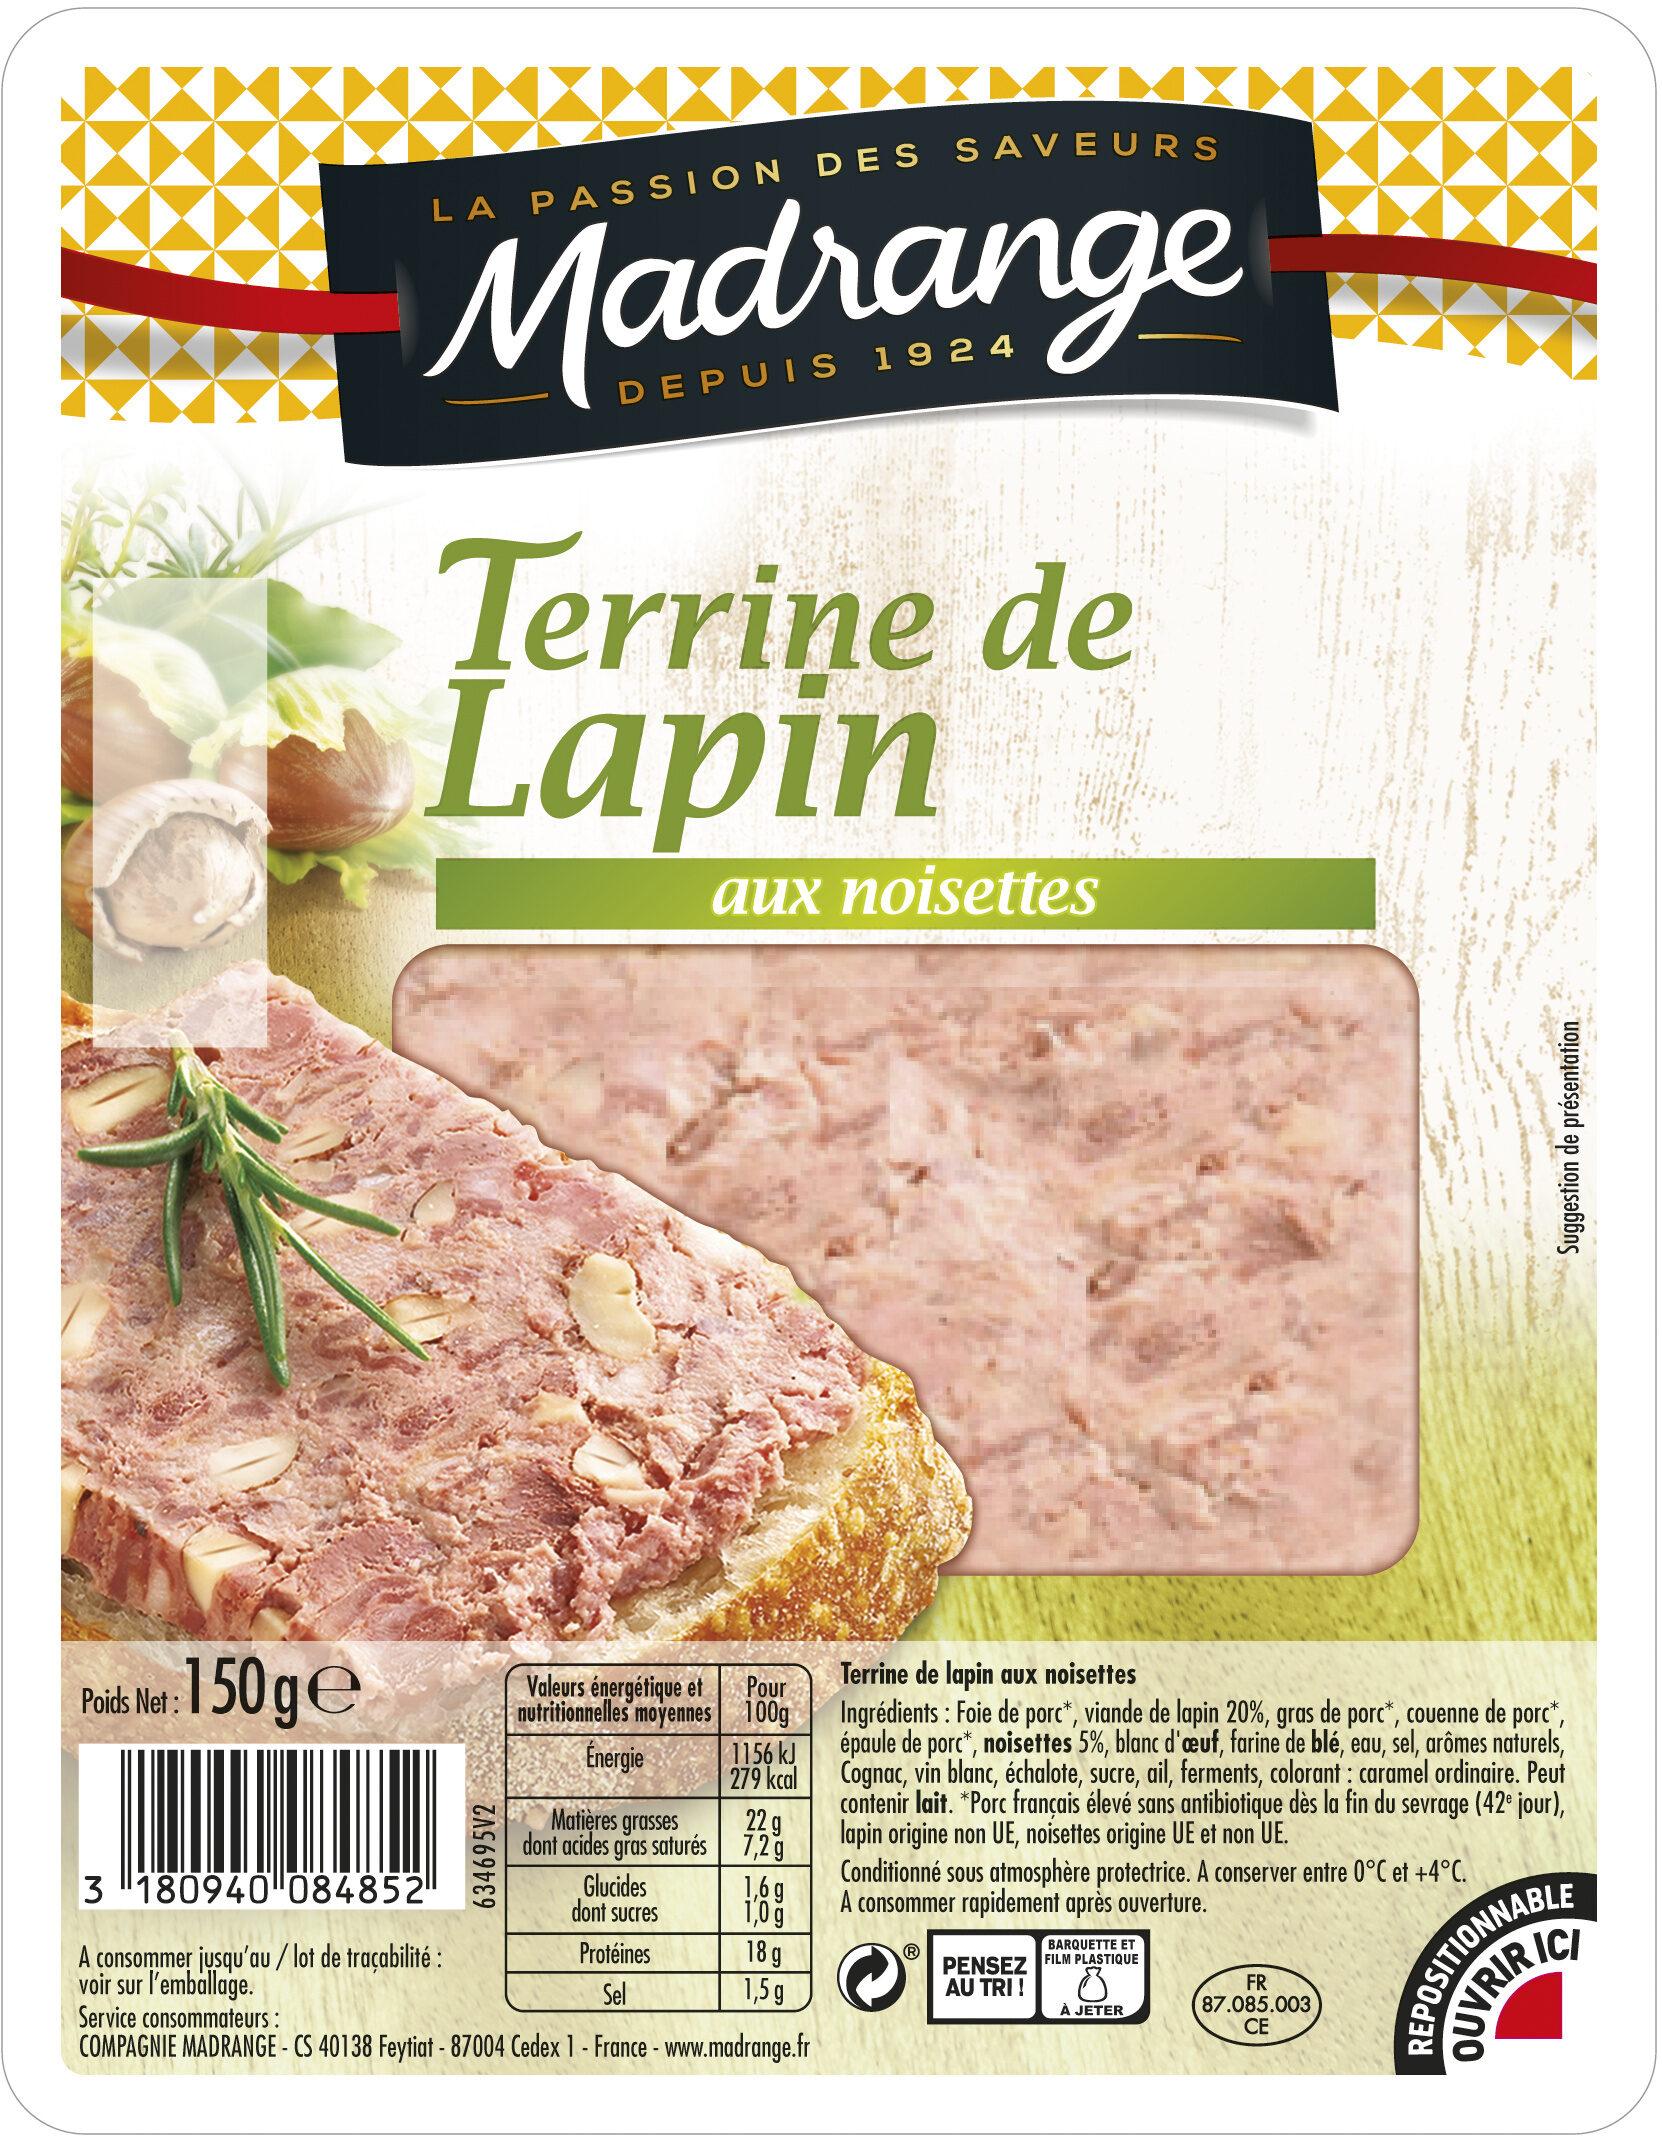 Terrine de lapin aux noisettes - Produit - fr